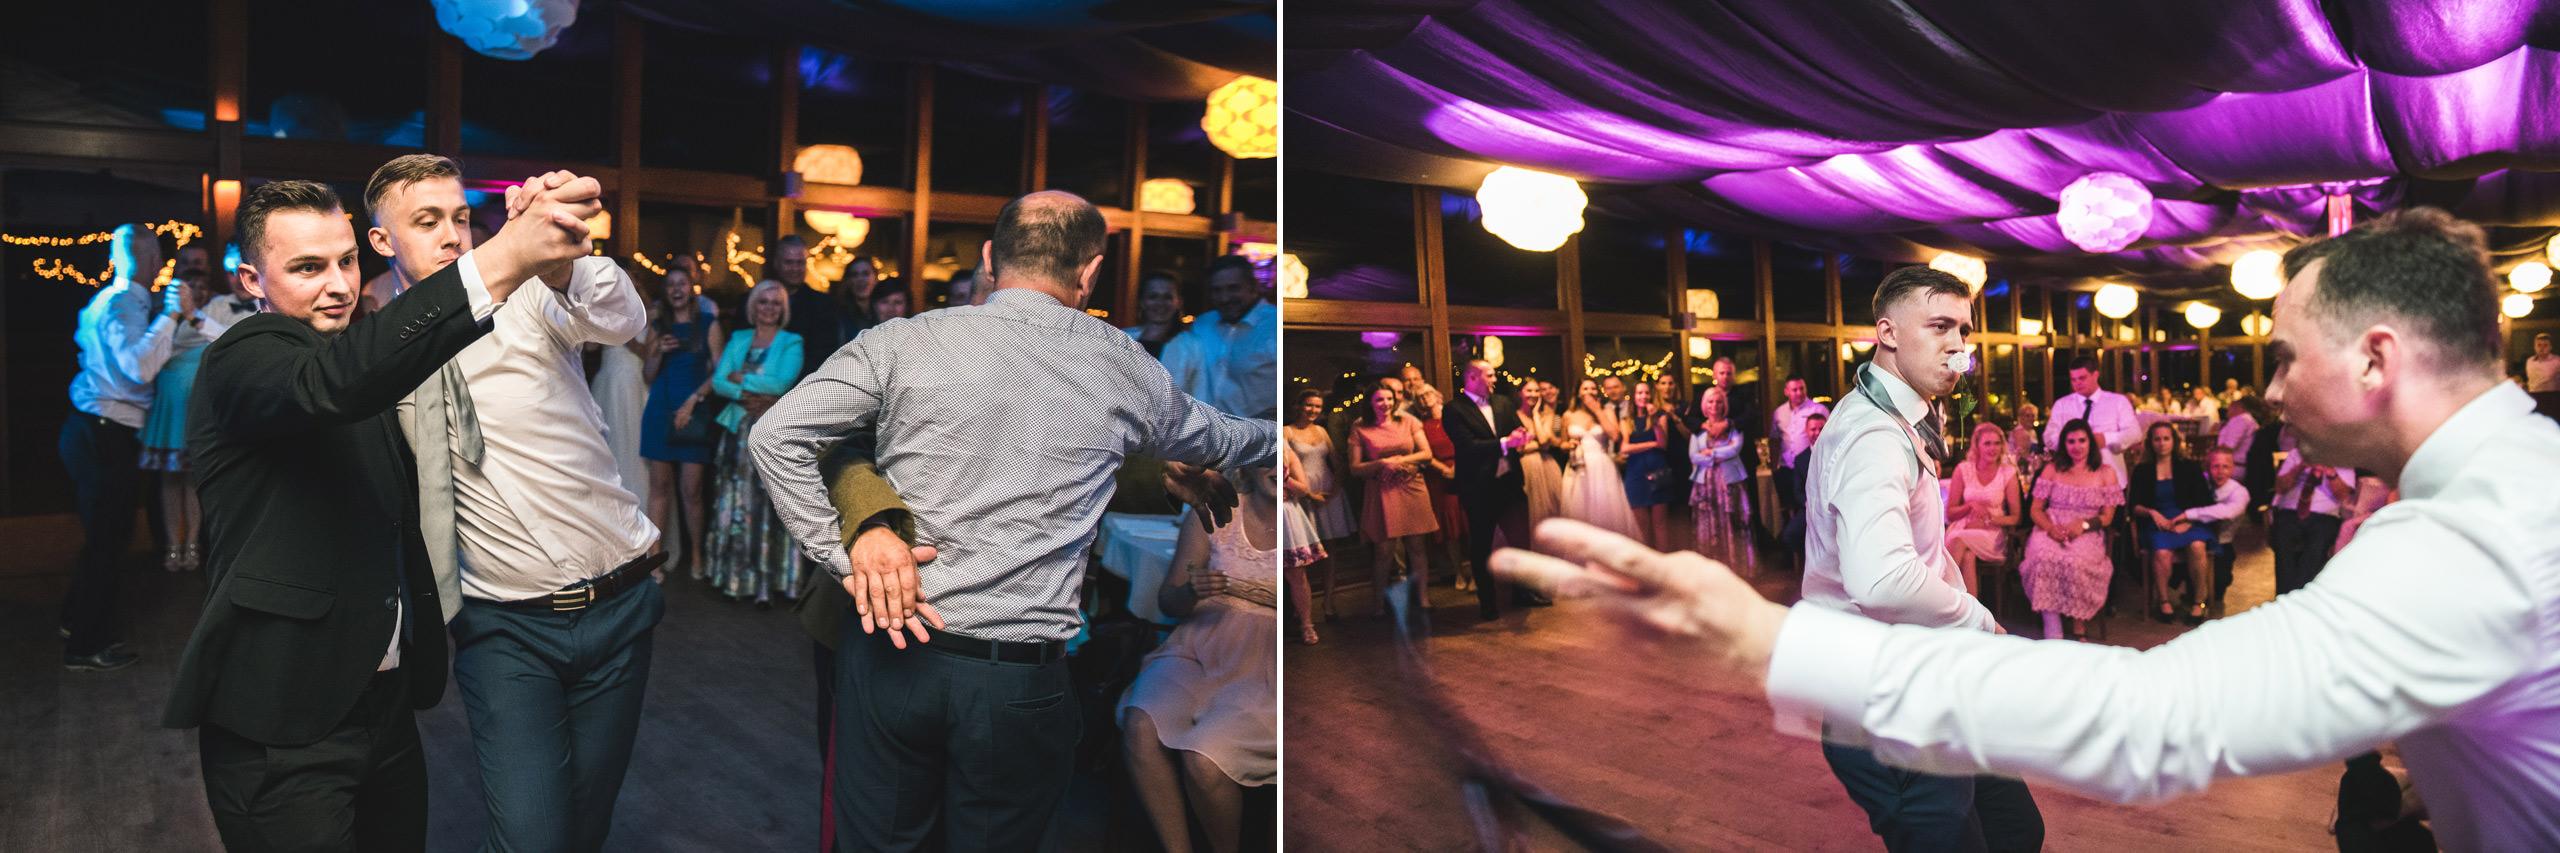 fotograf slubny warszawa 090 zacisze anny korcz wesele